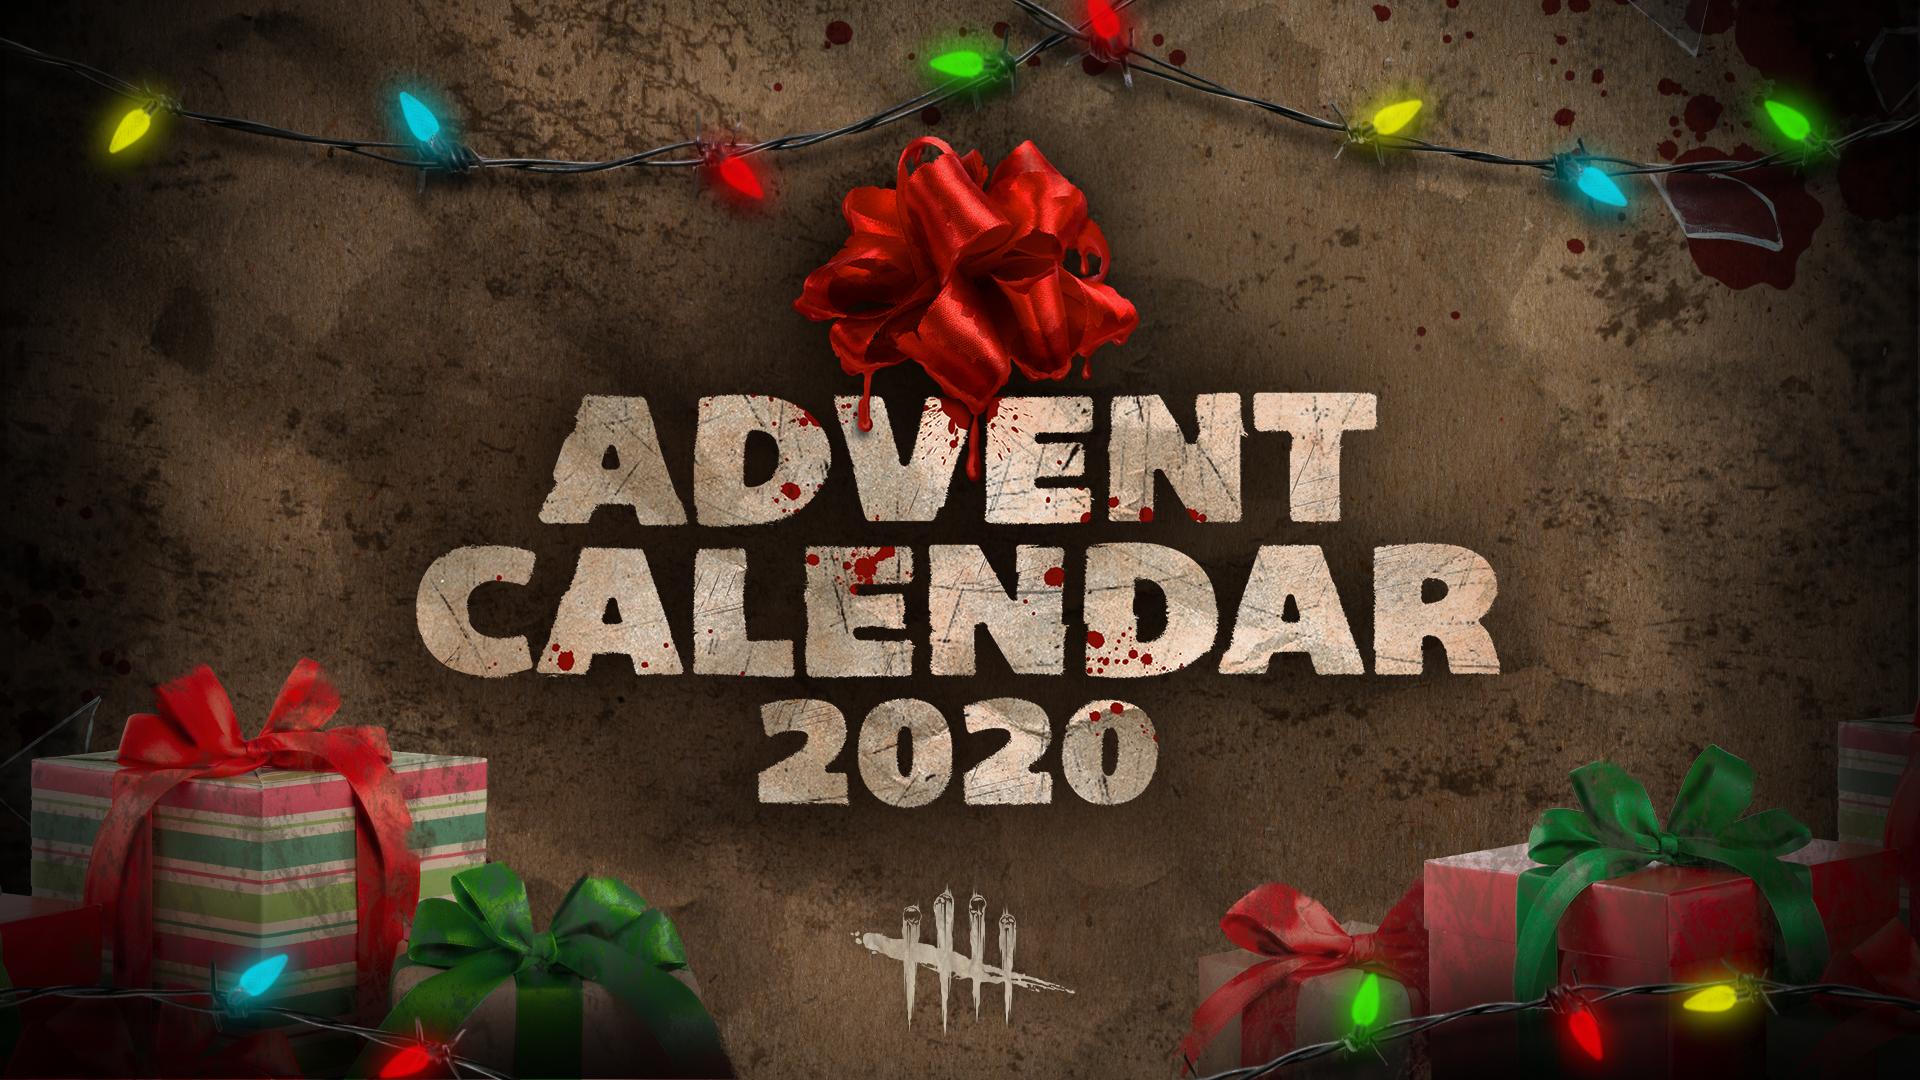 Advent_Calendar_Social_1920_1080.png